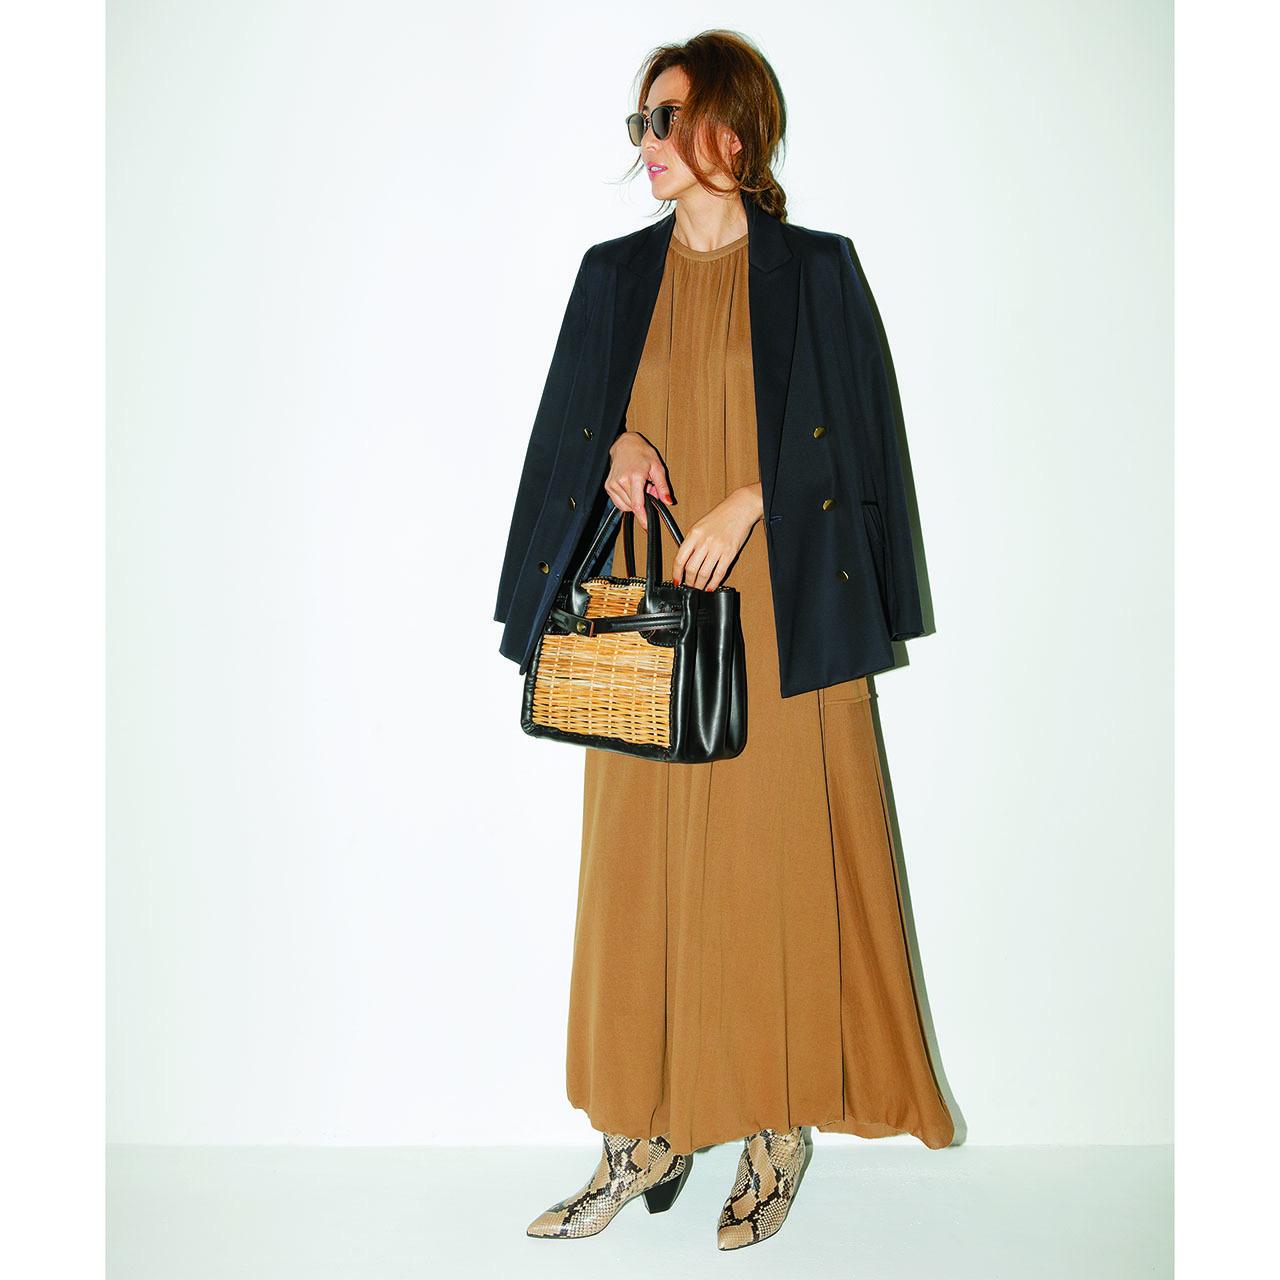 ジャケット×ワンピースのファッションコーデ